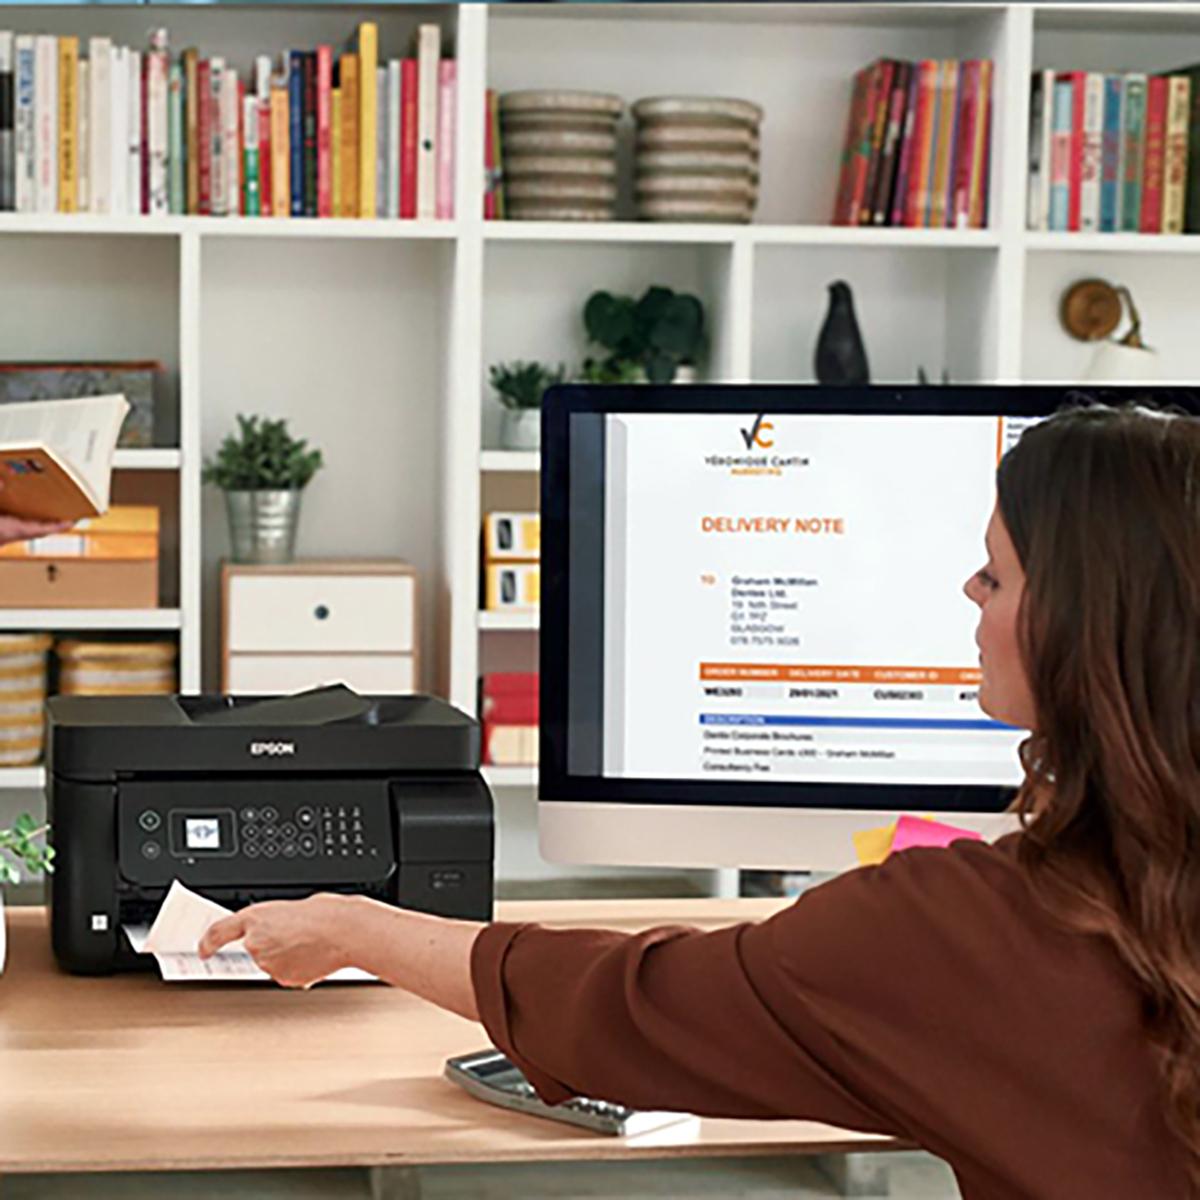 L'assenza di tecnologie o apparecchiature adeguate compromette la produttività di chi lavora da casa